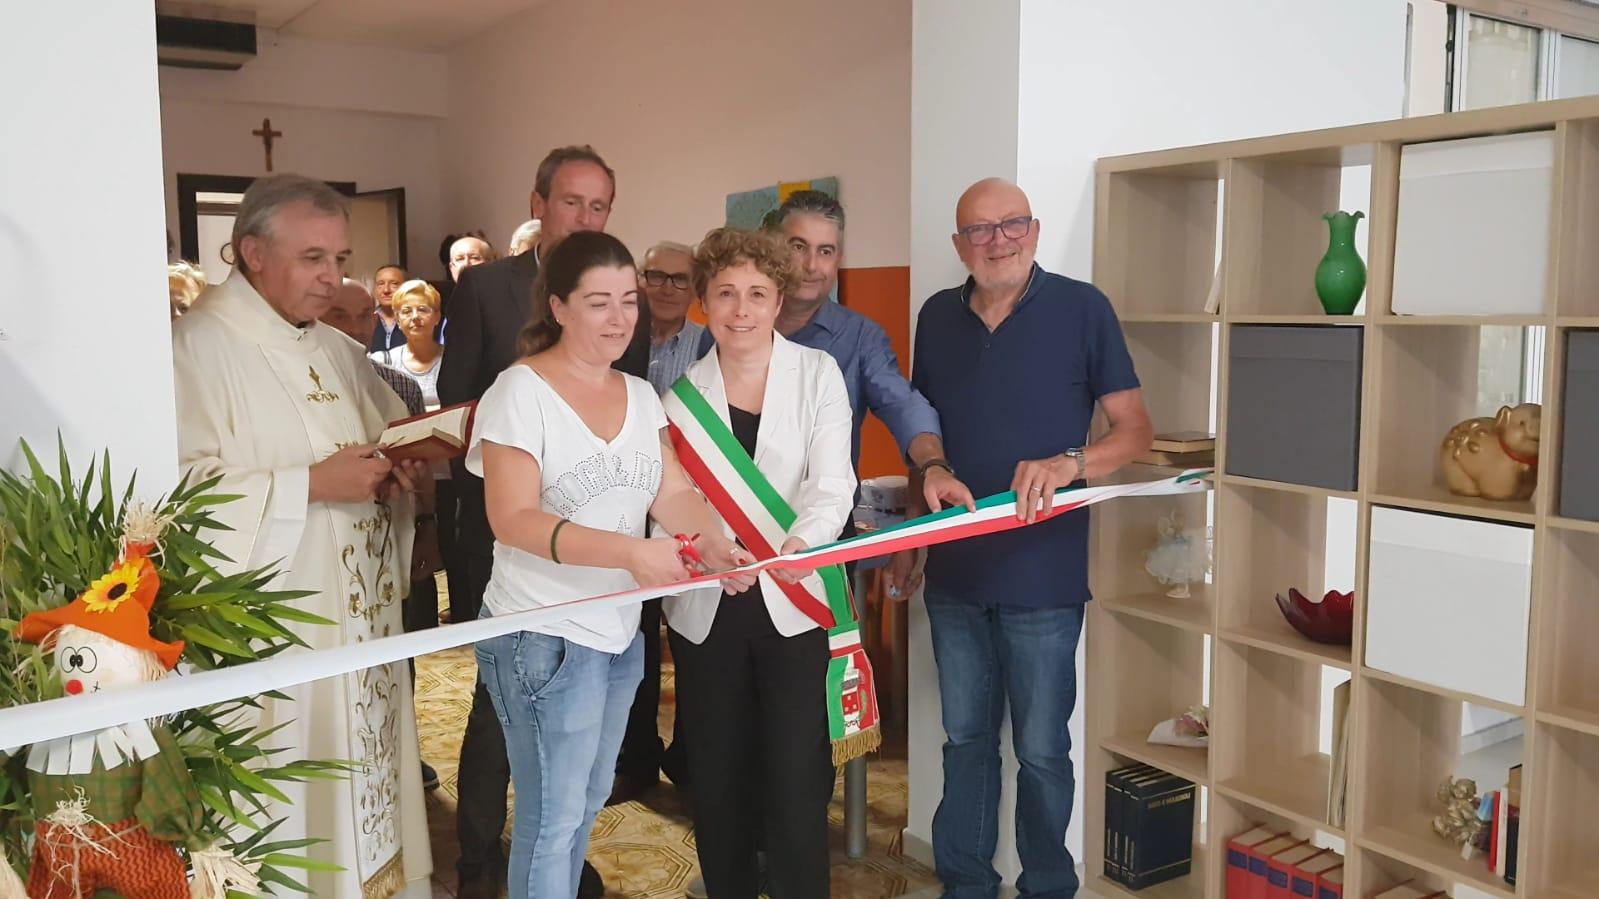 Festa S. Anna 2019 - Messa Inaugurazione (51)